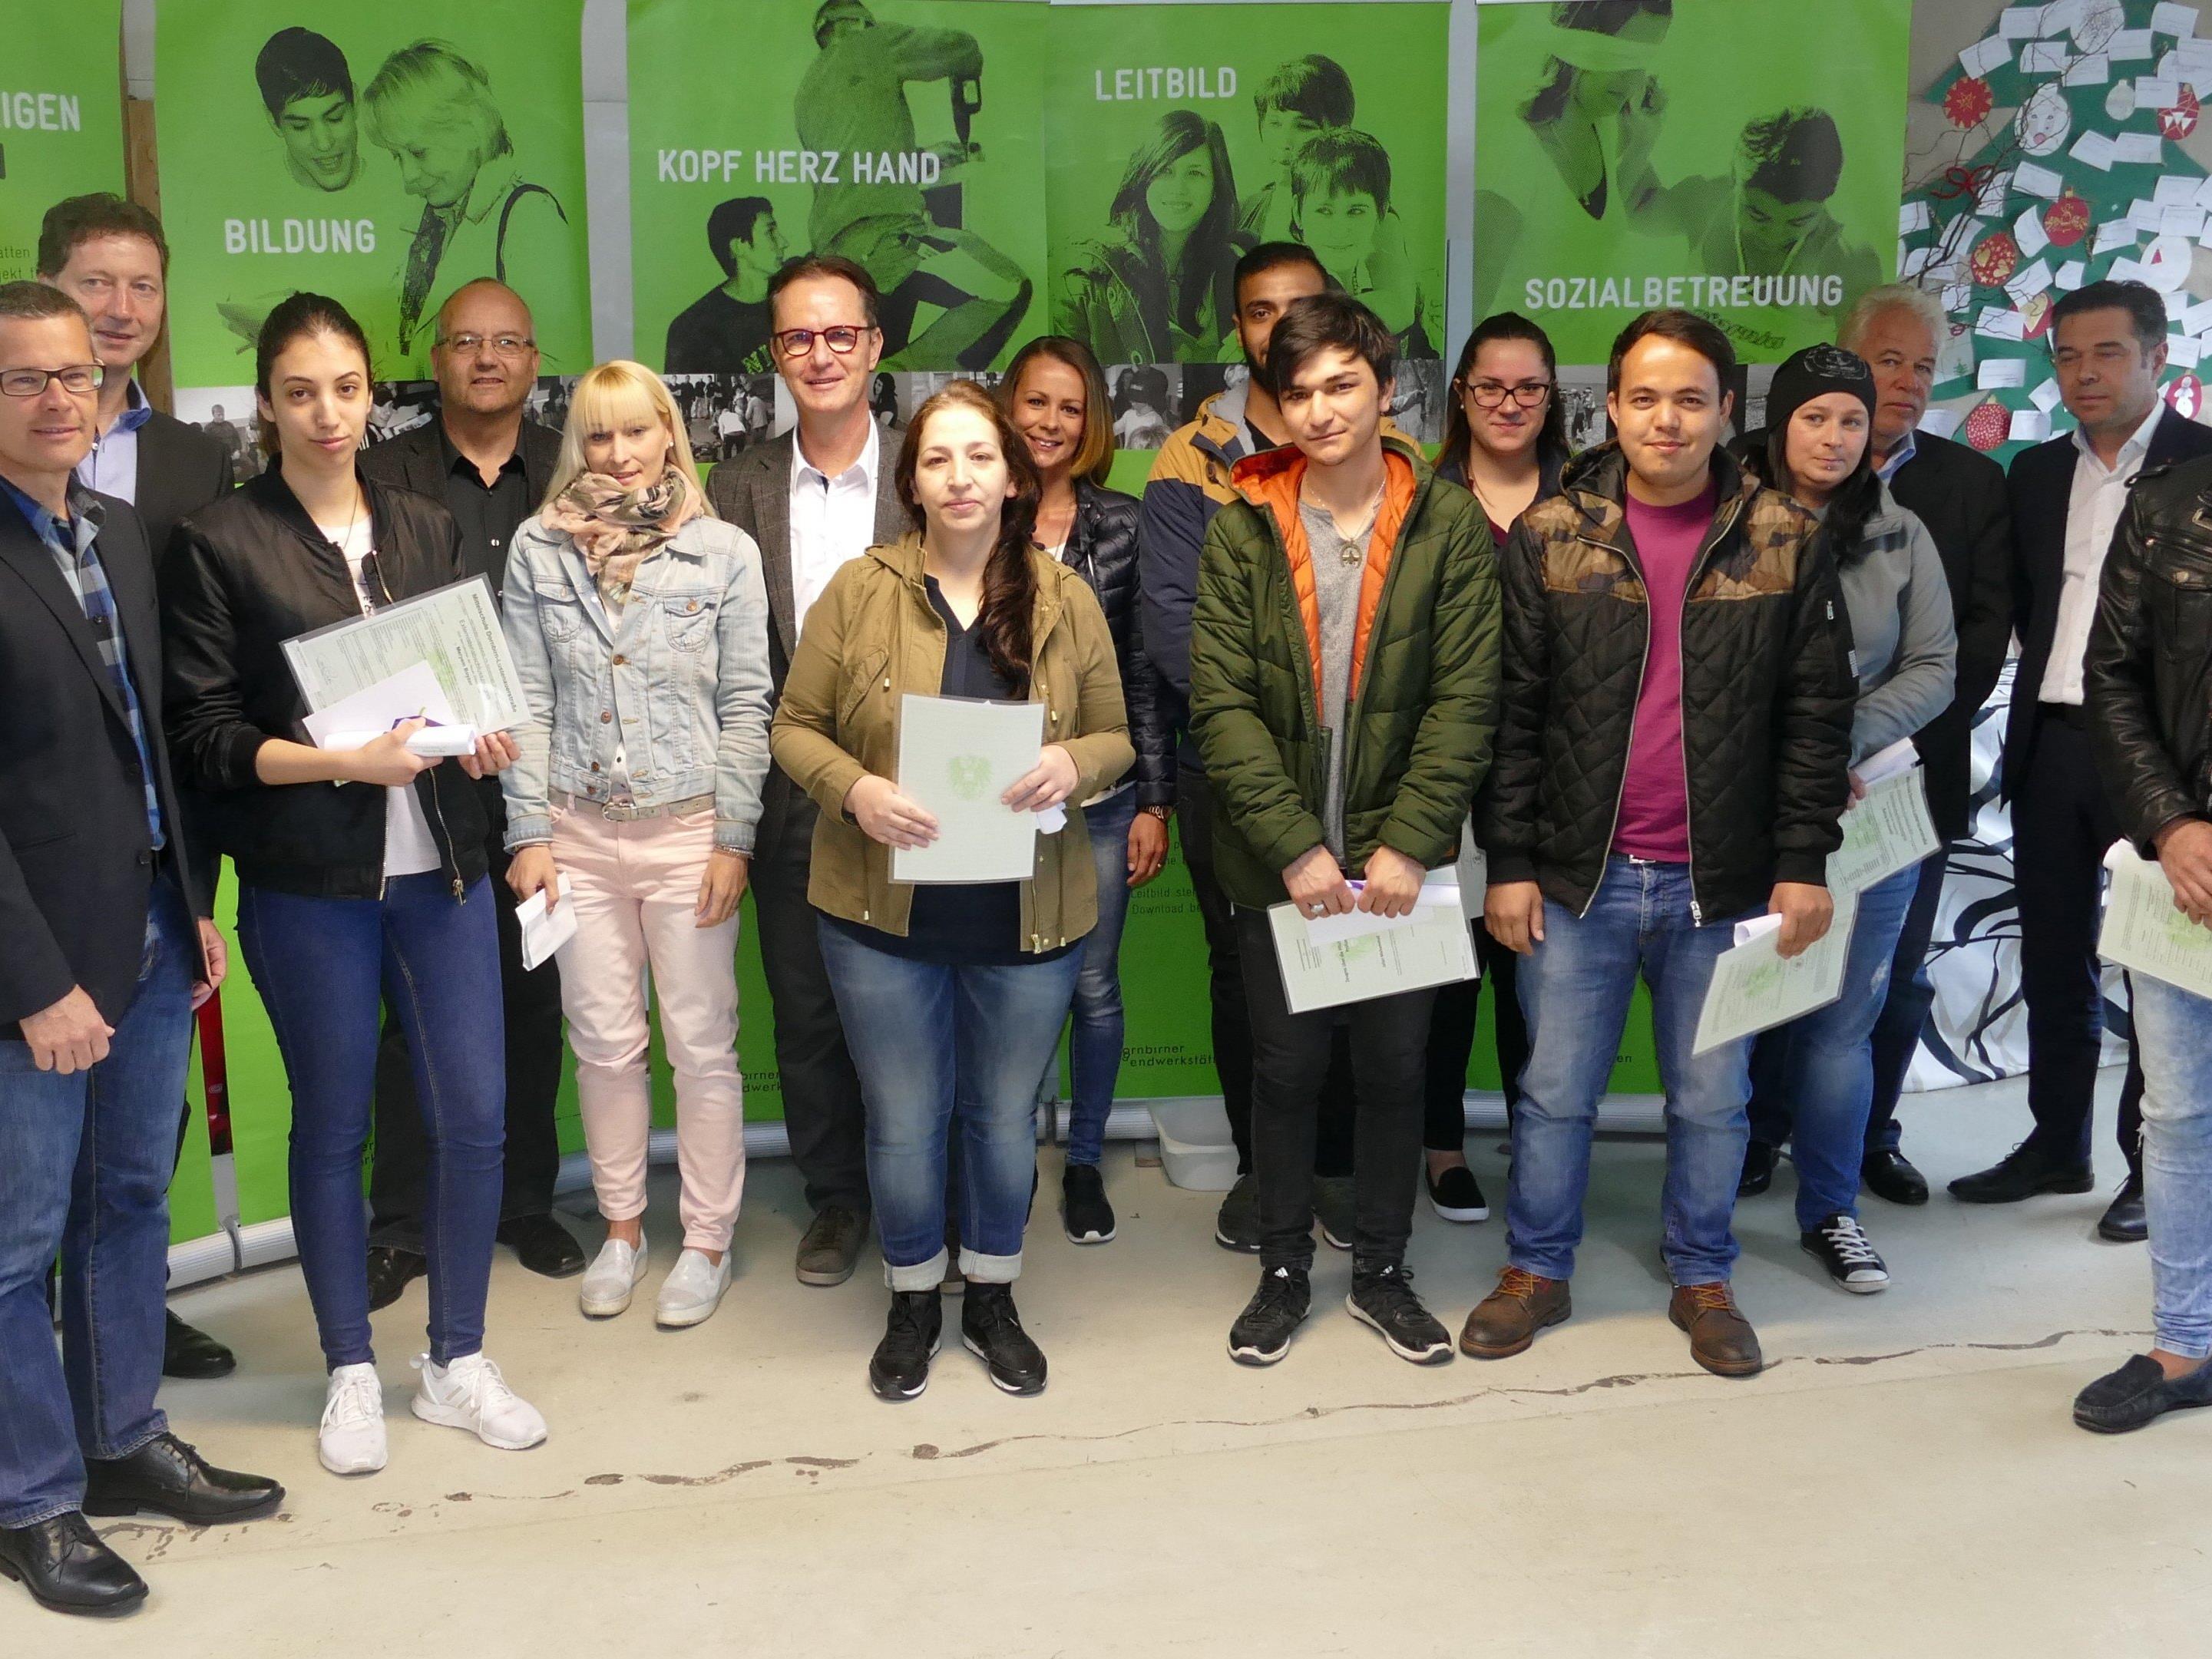 """Netzwerkpartner des Projekts """"Leuchtturm"""" mit den zwölf glücklichen Absolventen."""